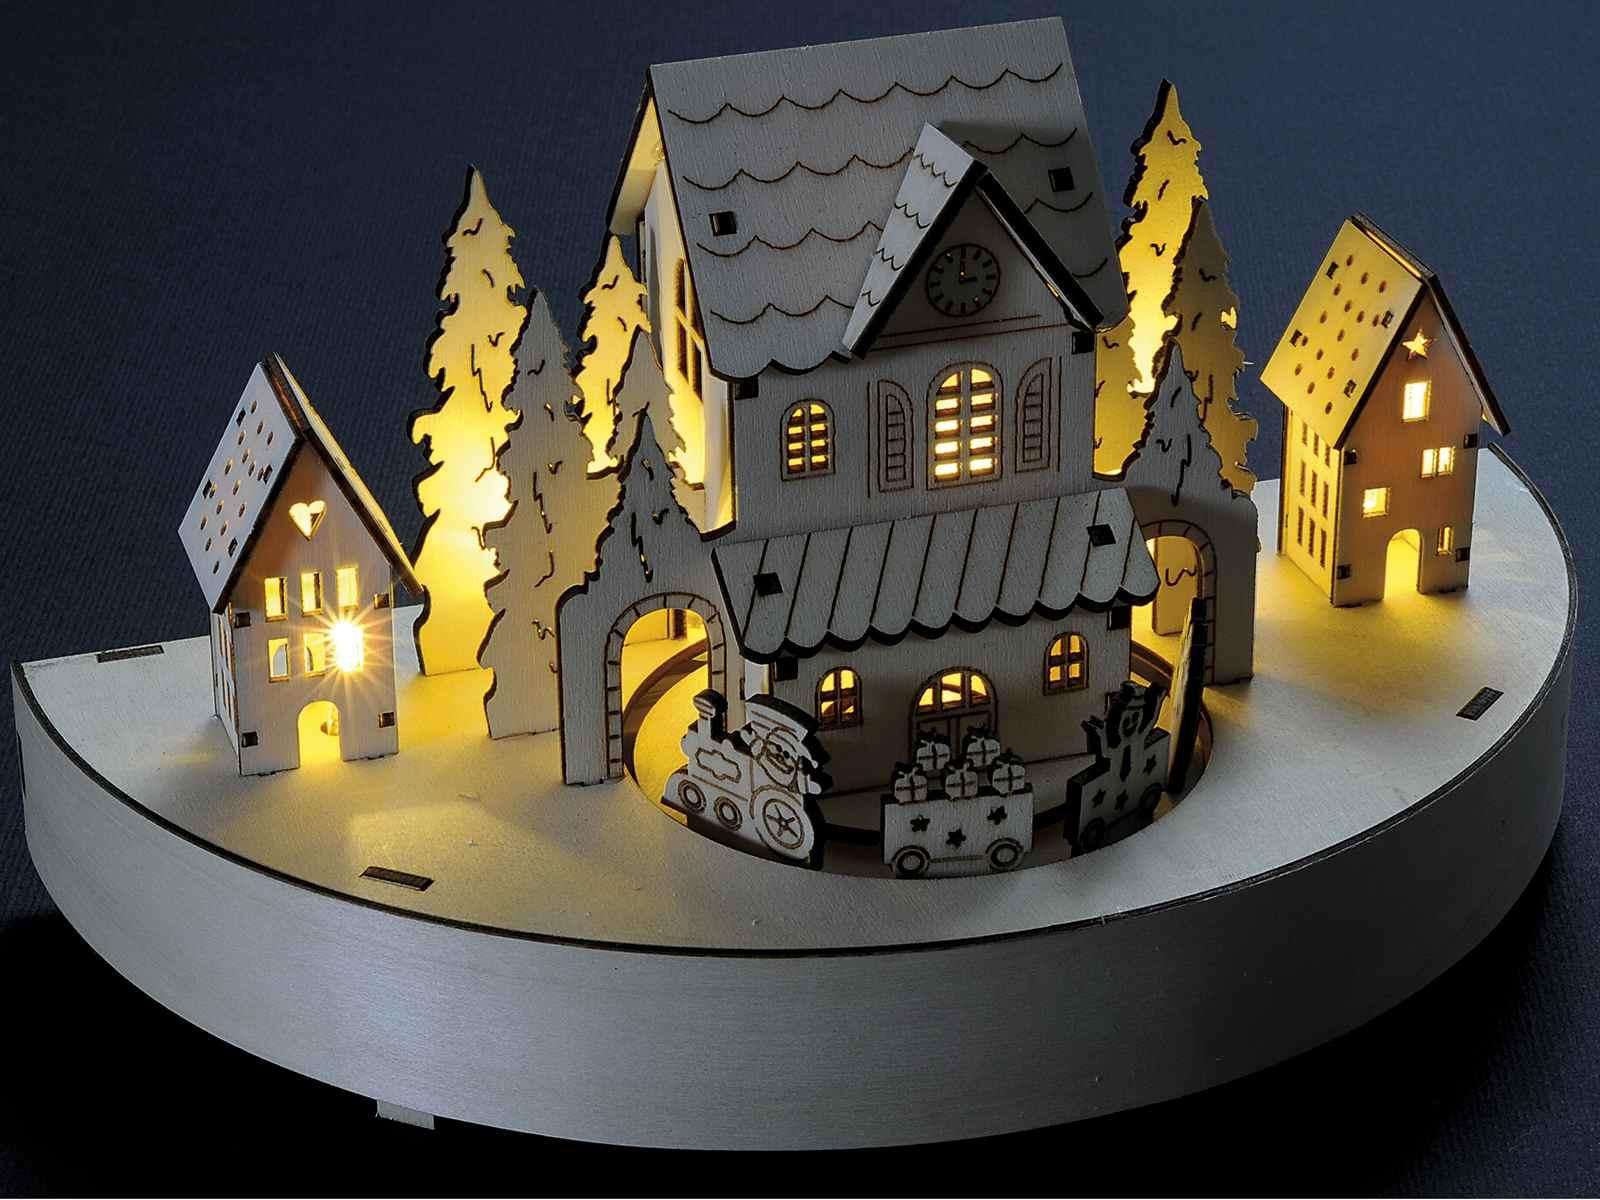 Carillon in legno lavorato a laser ctreno animato e luce 513009  Art From Italy